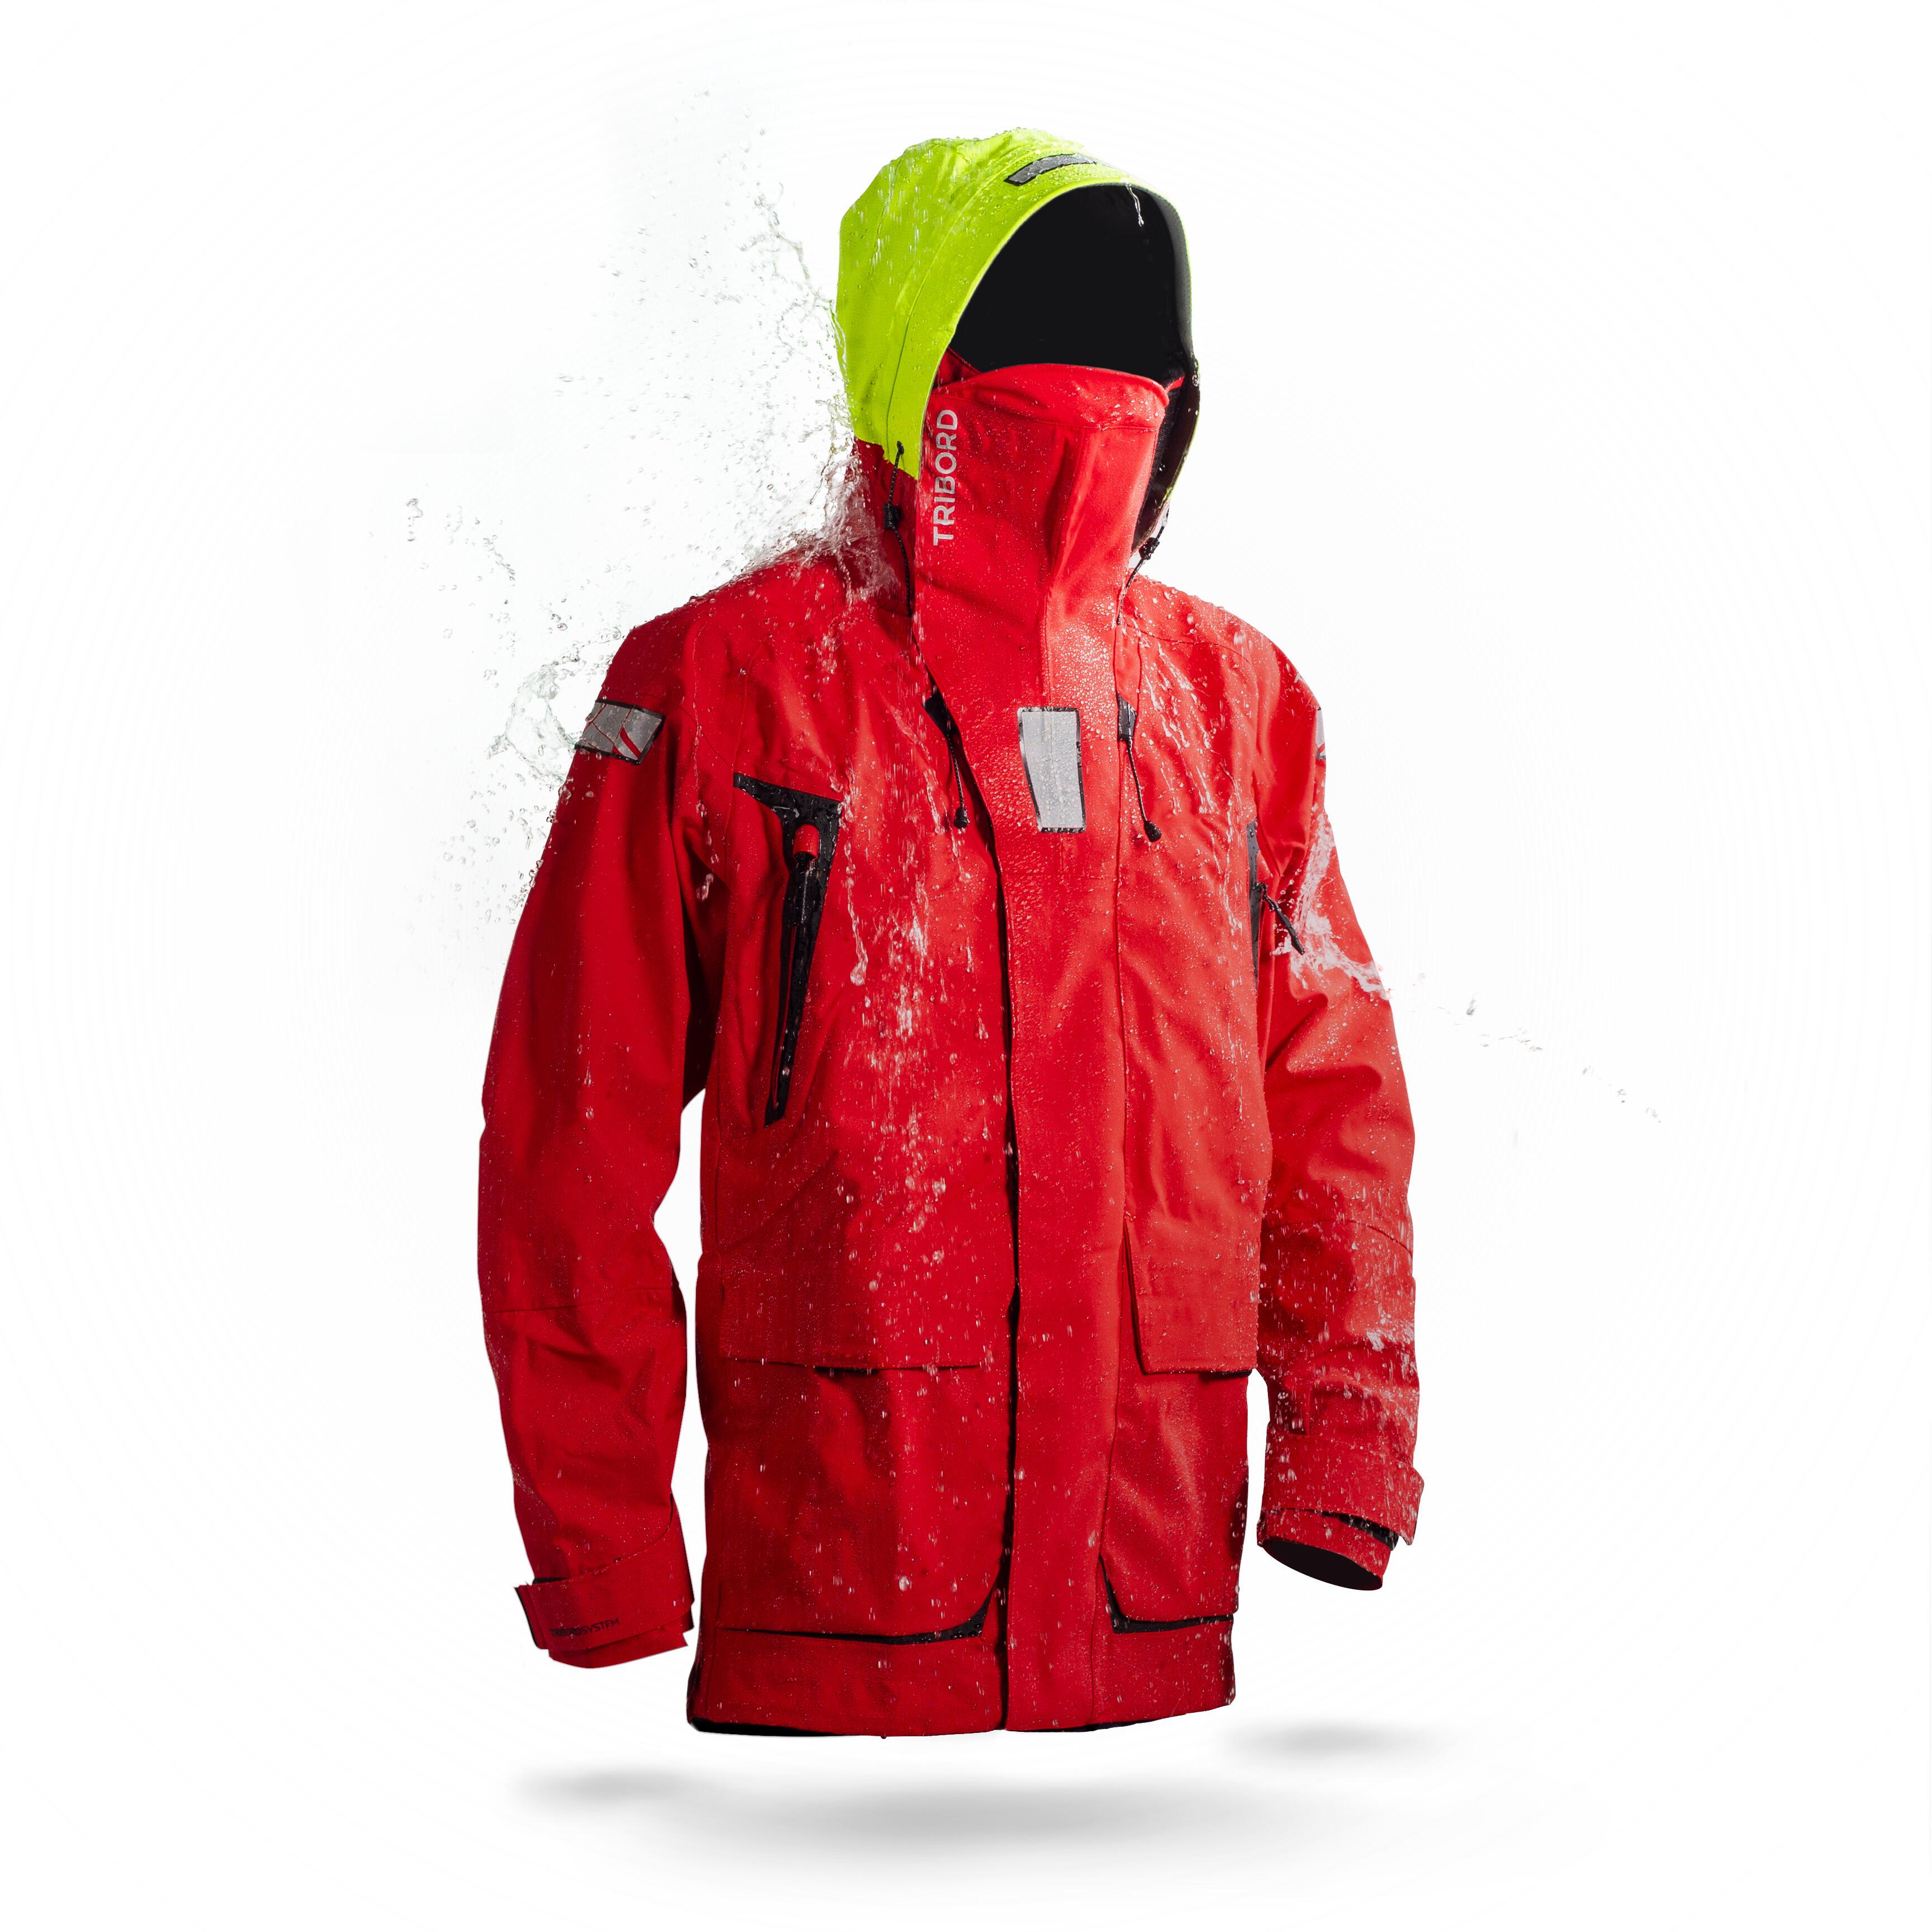 Jachetă Offshore 900 Bărbați imagine produs